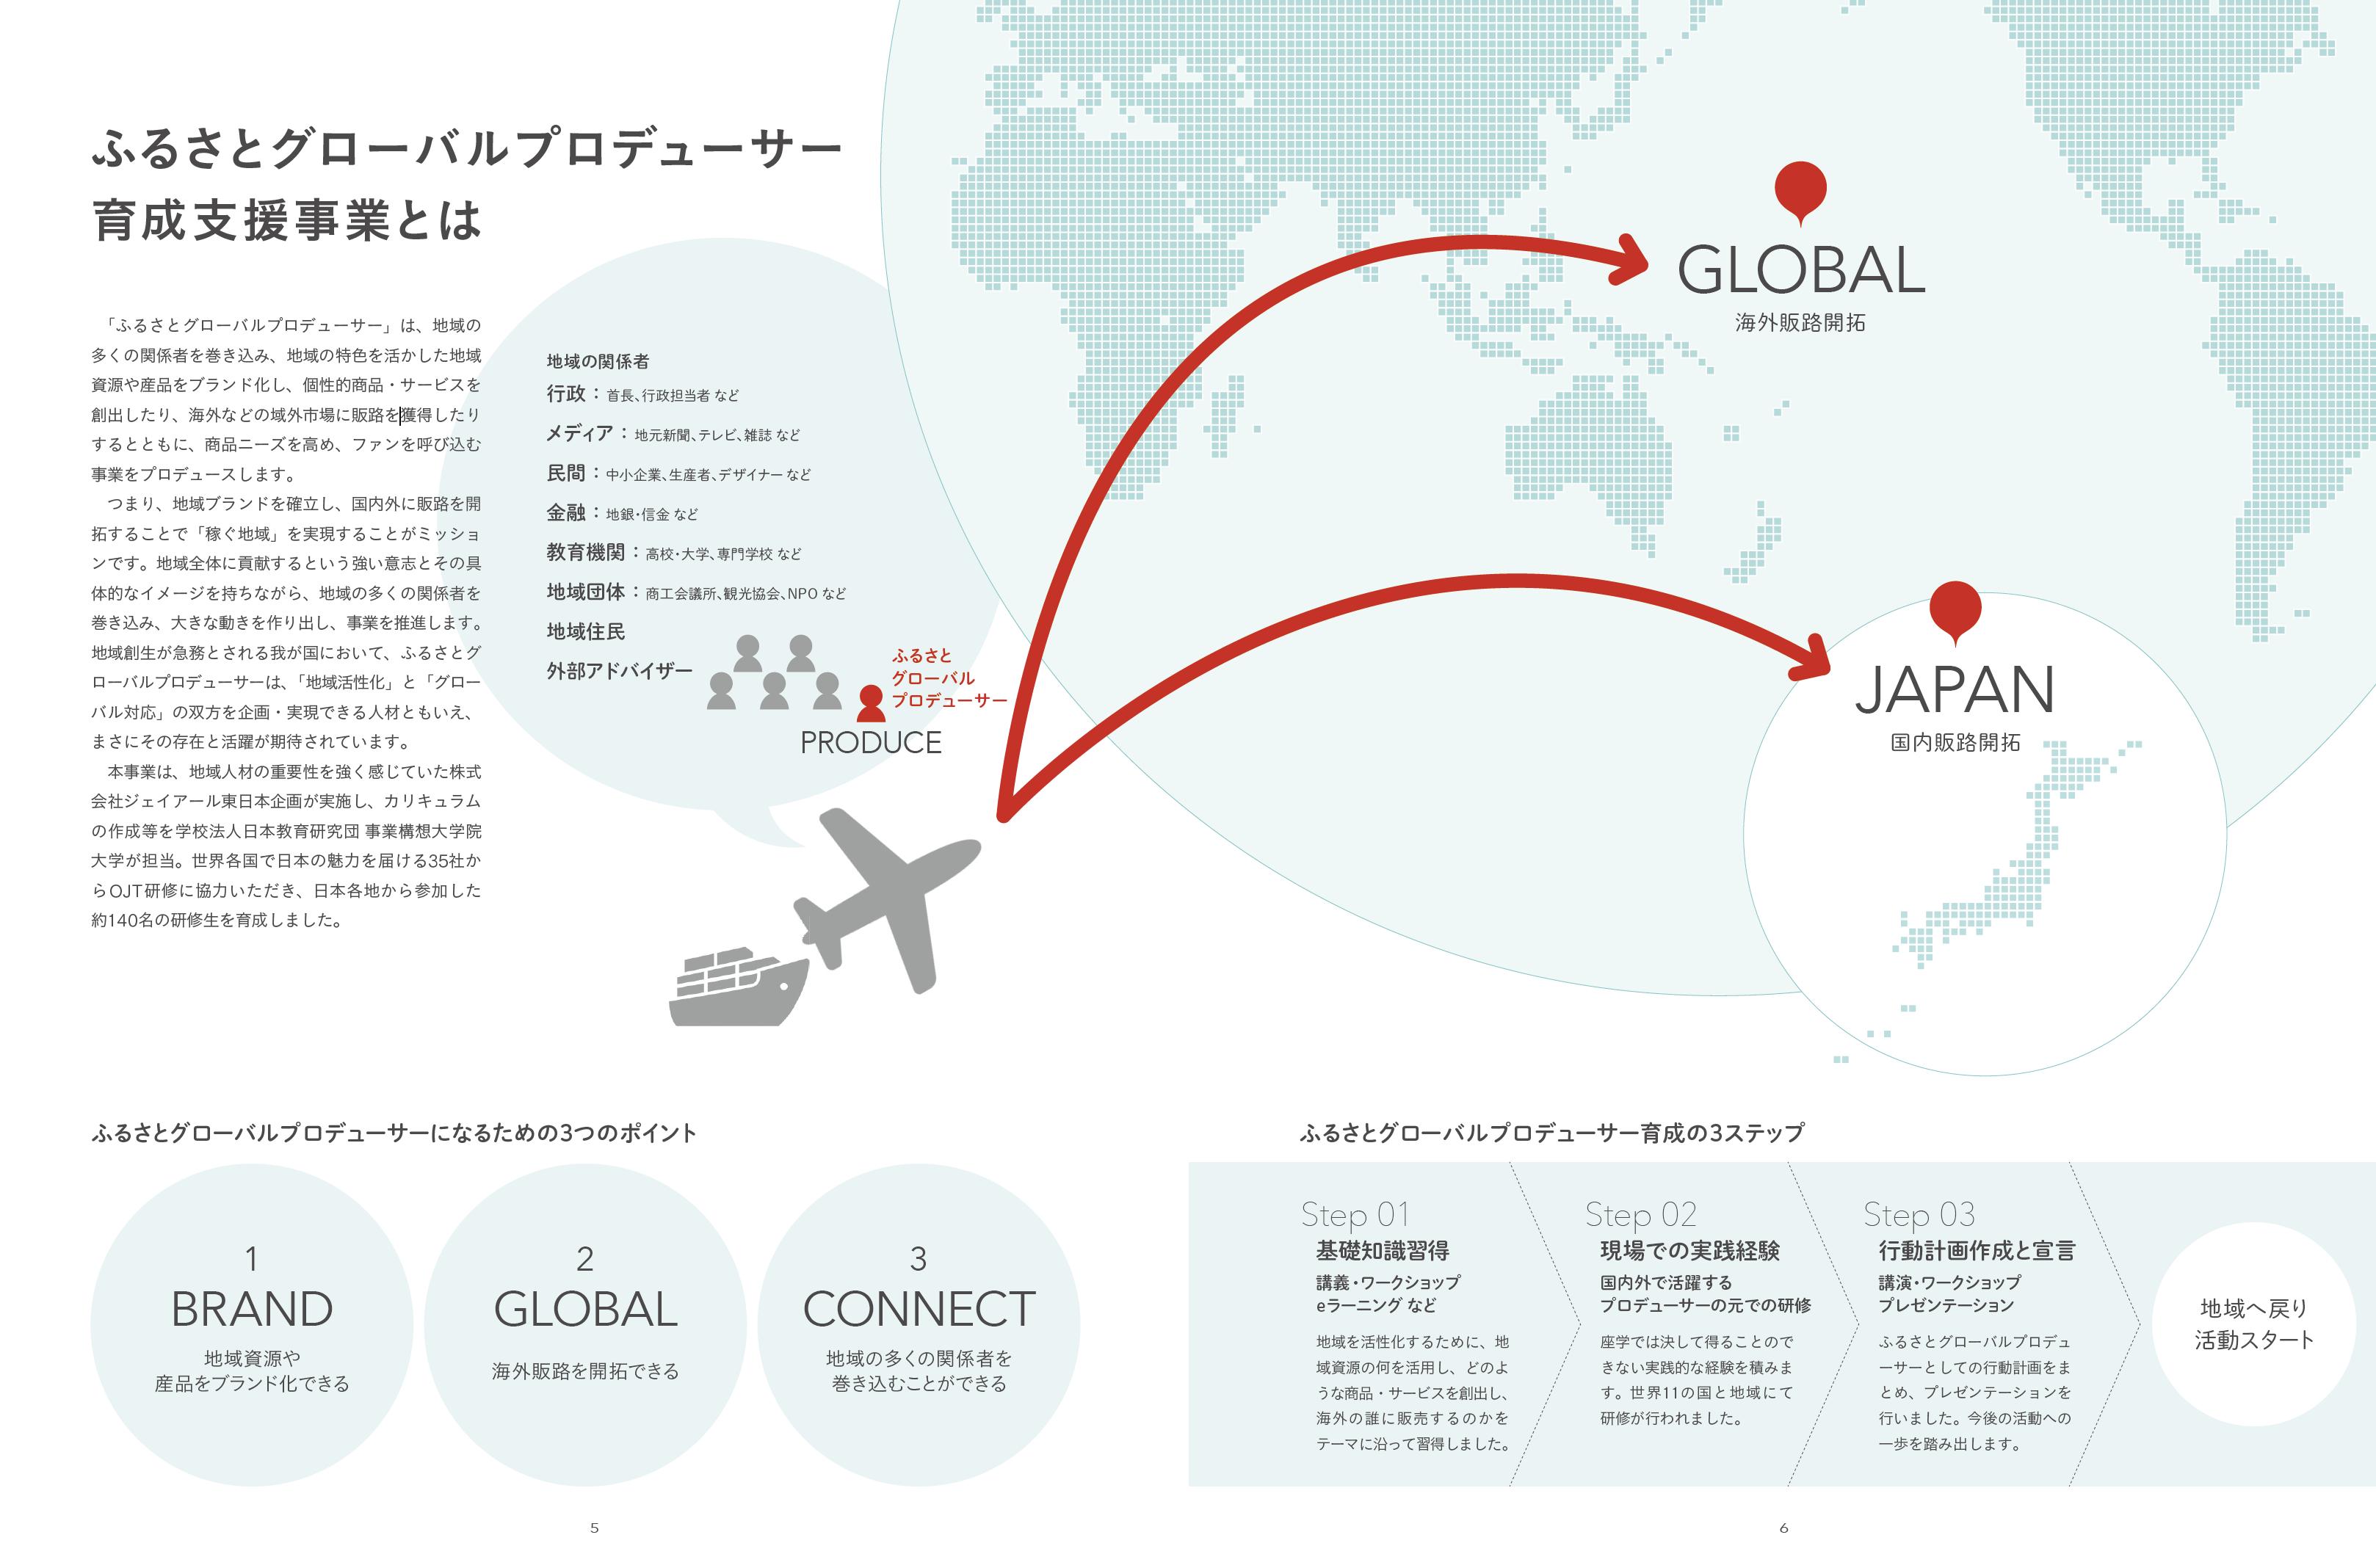 ふるさとグローバルプロデューサー 説明図